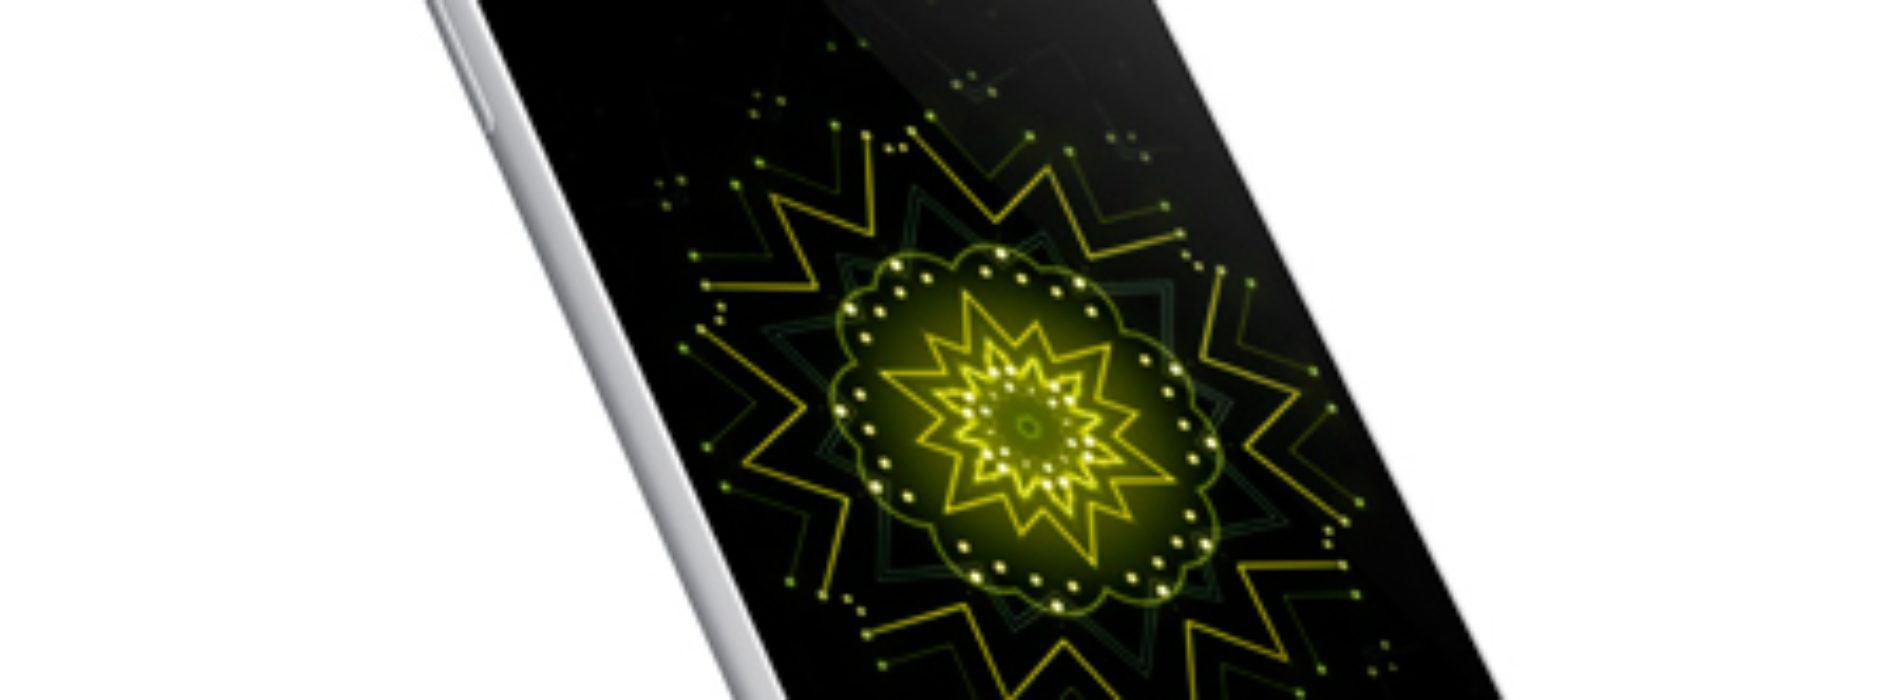 LG G5 y sus bondades, el más esperado